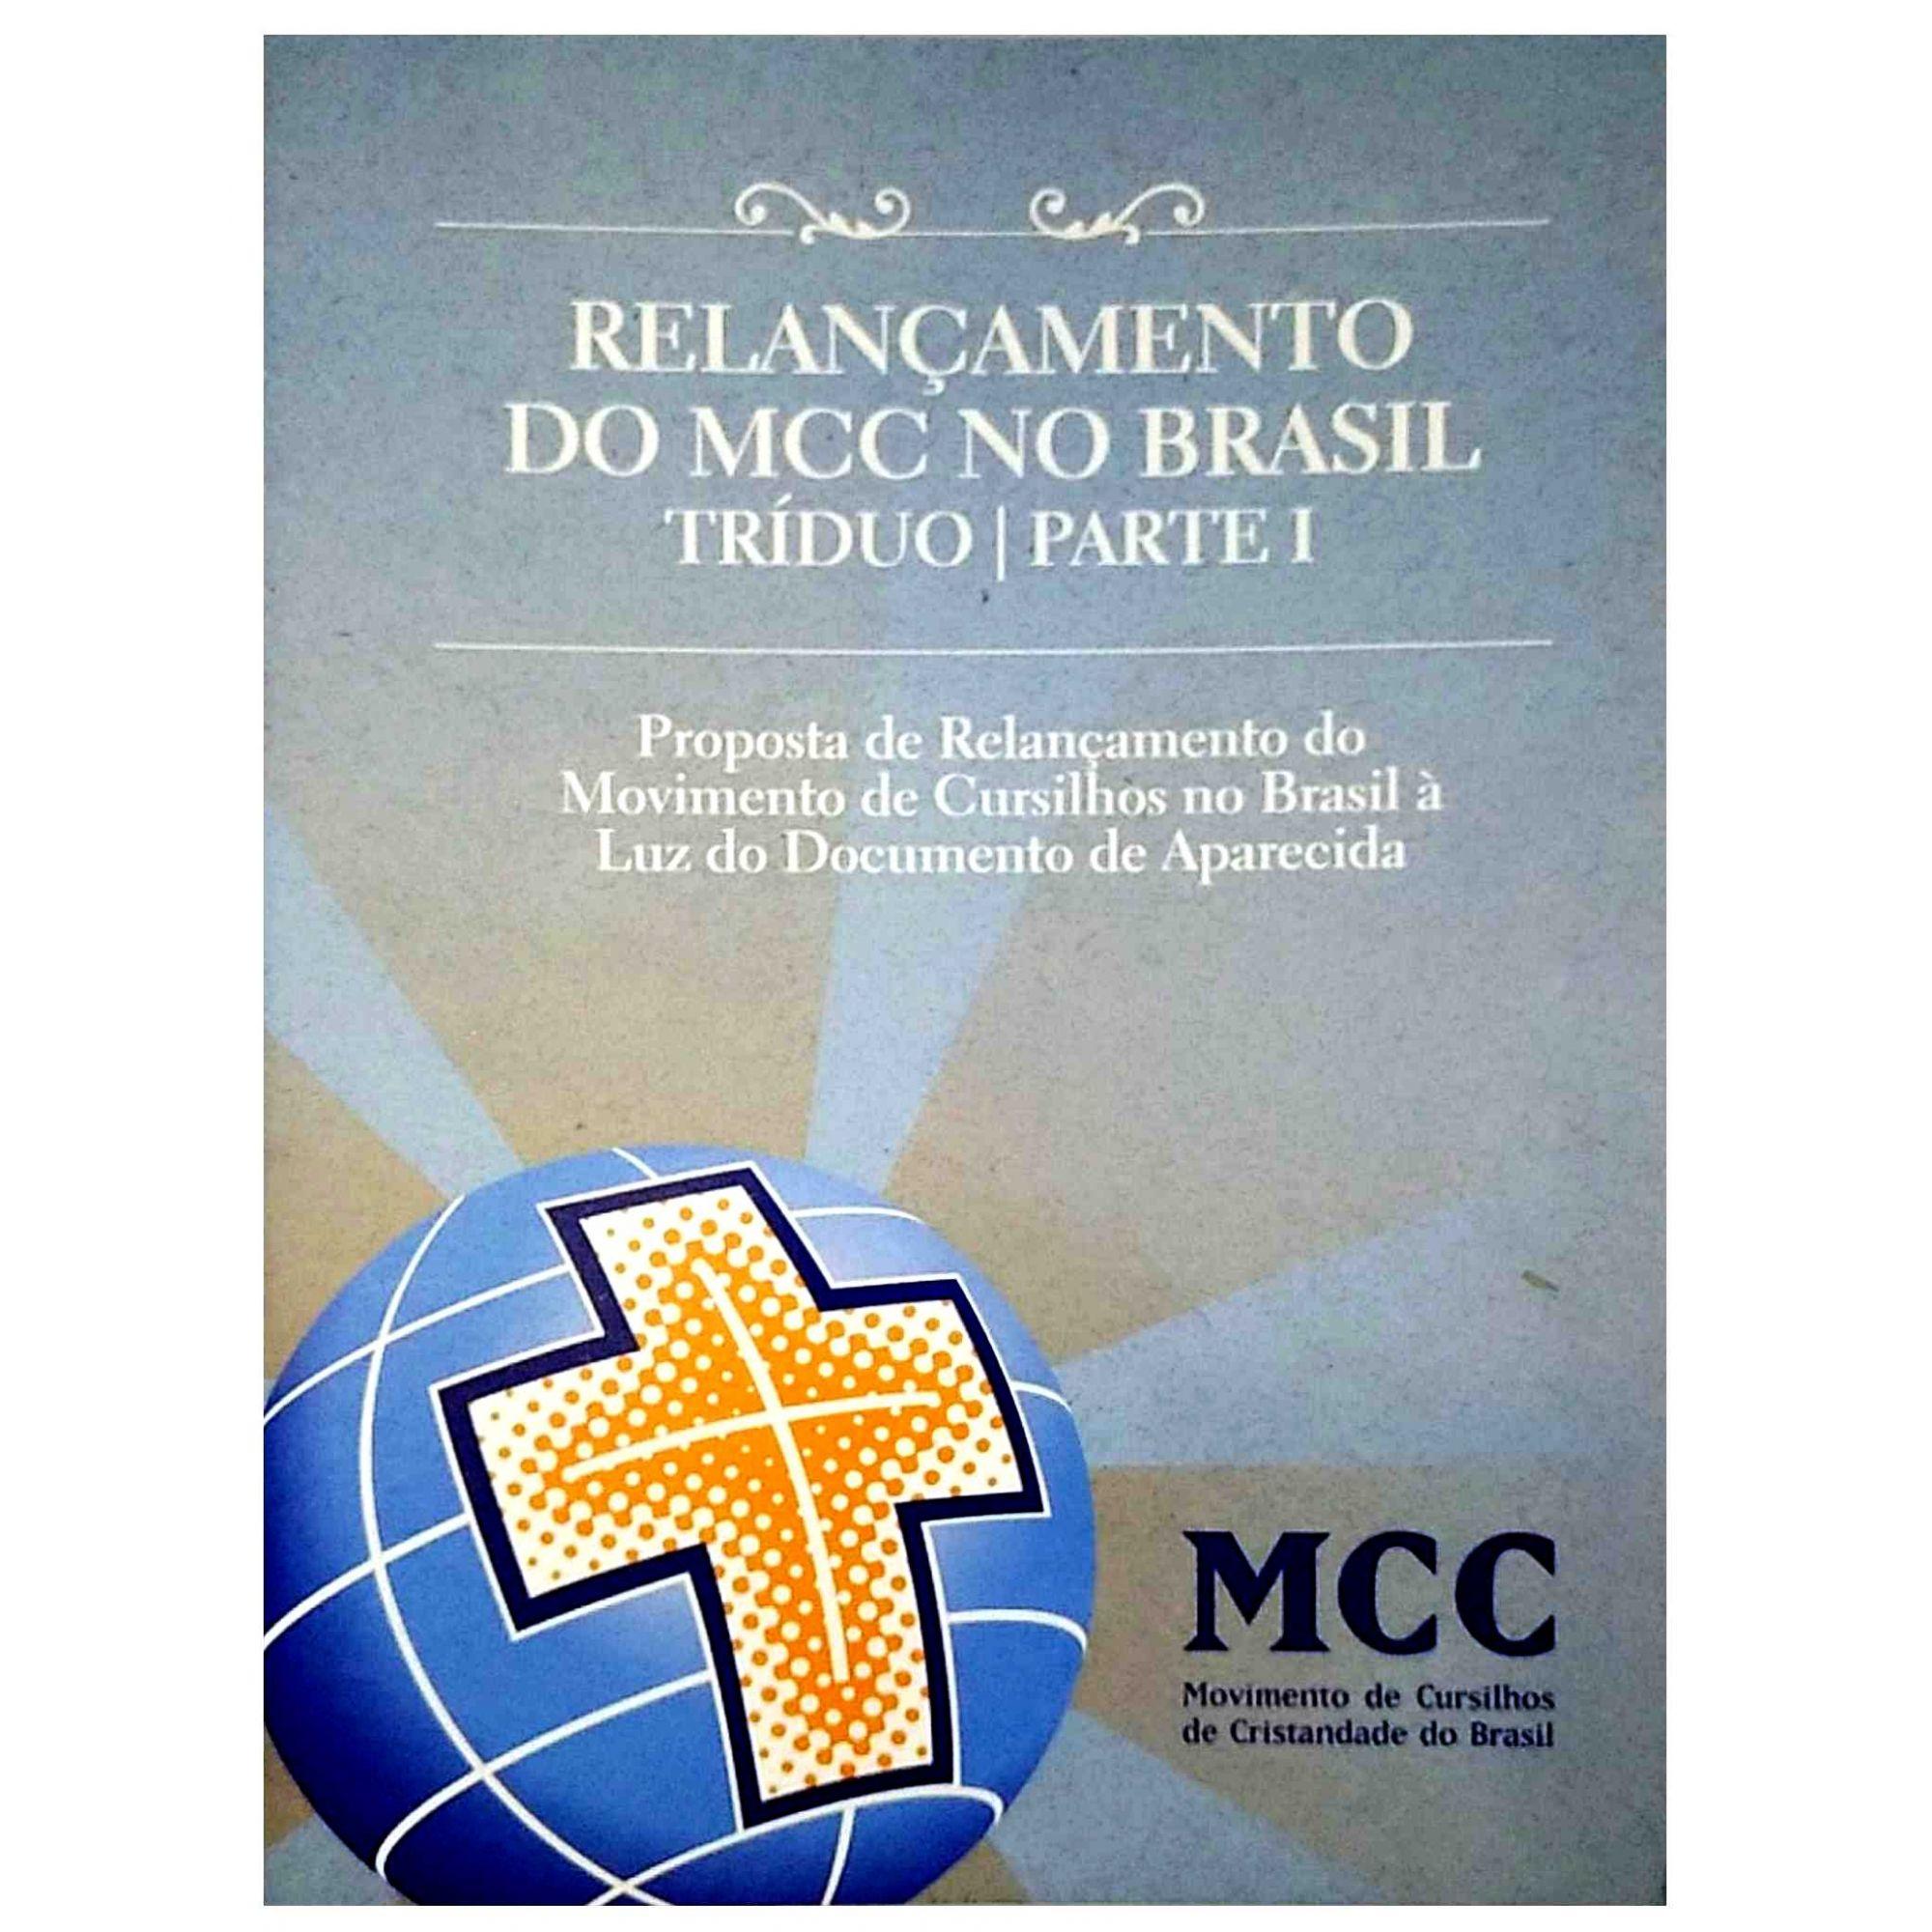 Relançamento do MCC no Brasil | Tríduo - Parte I  - Cursilho